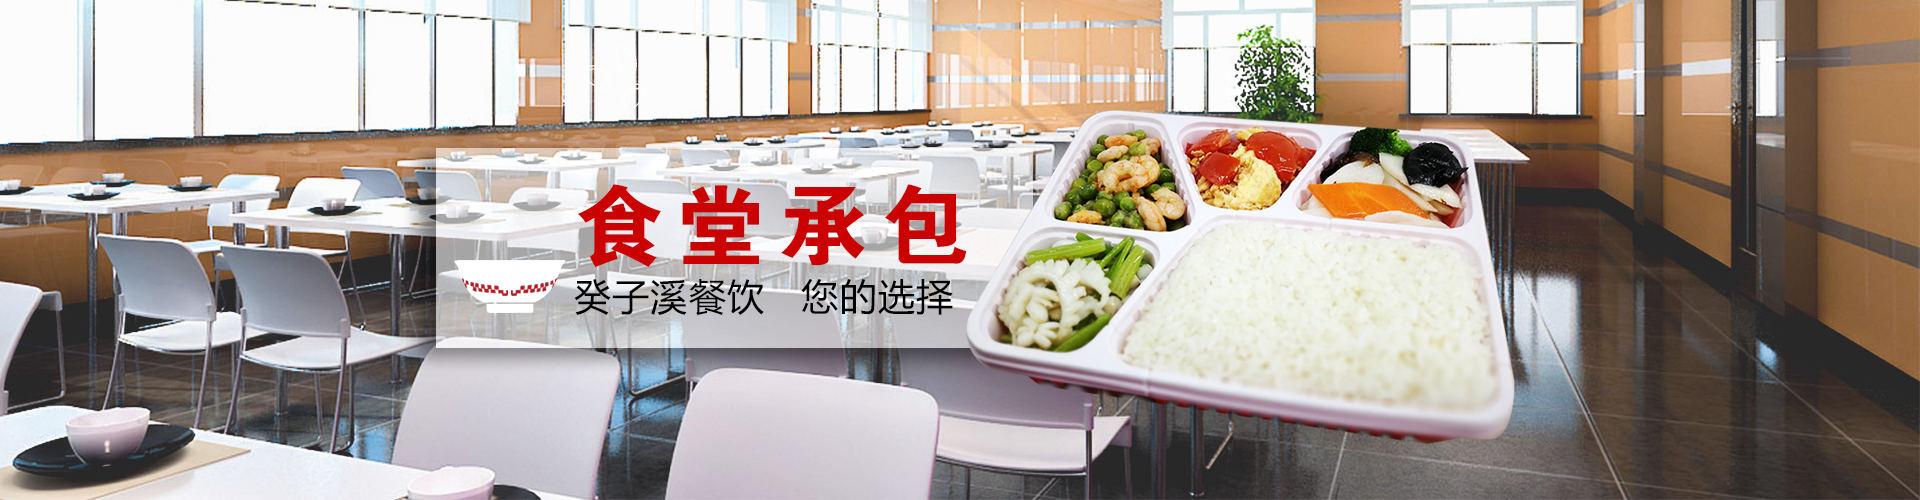 啟東食堂承包